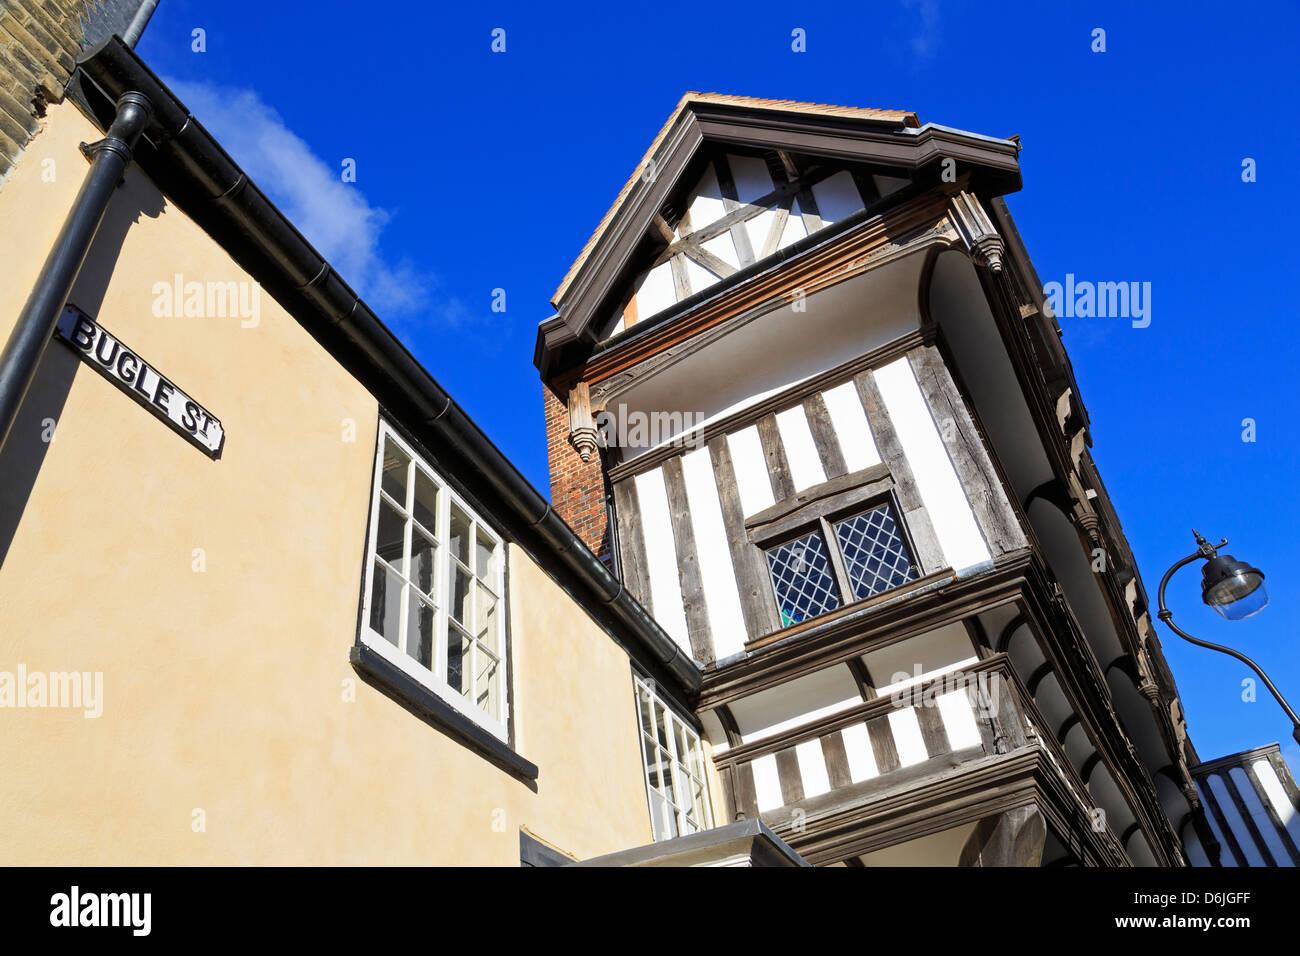 Tudor House Museum, Southampton, Hampshire, England, United Kingdom, Europe - Stock Image